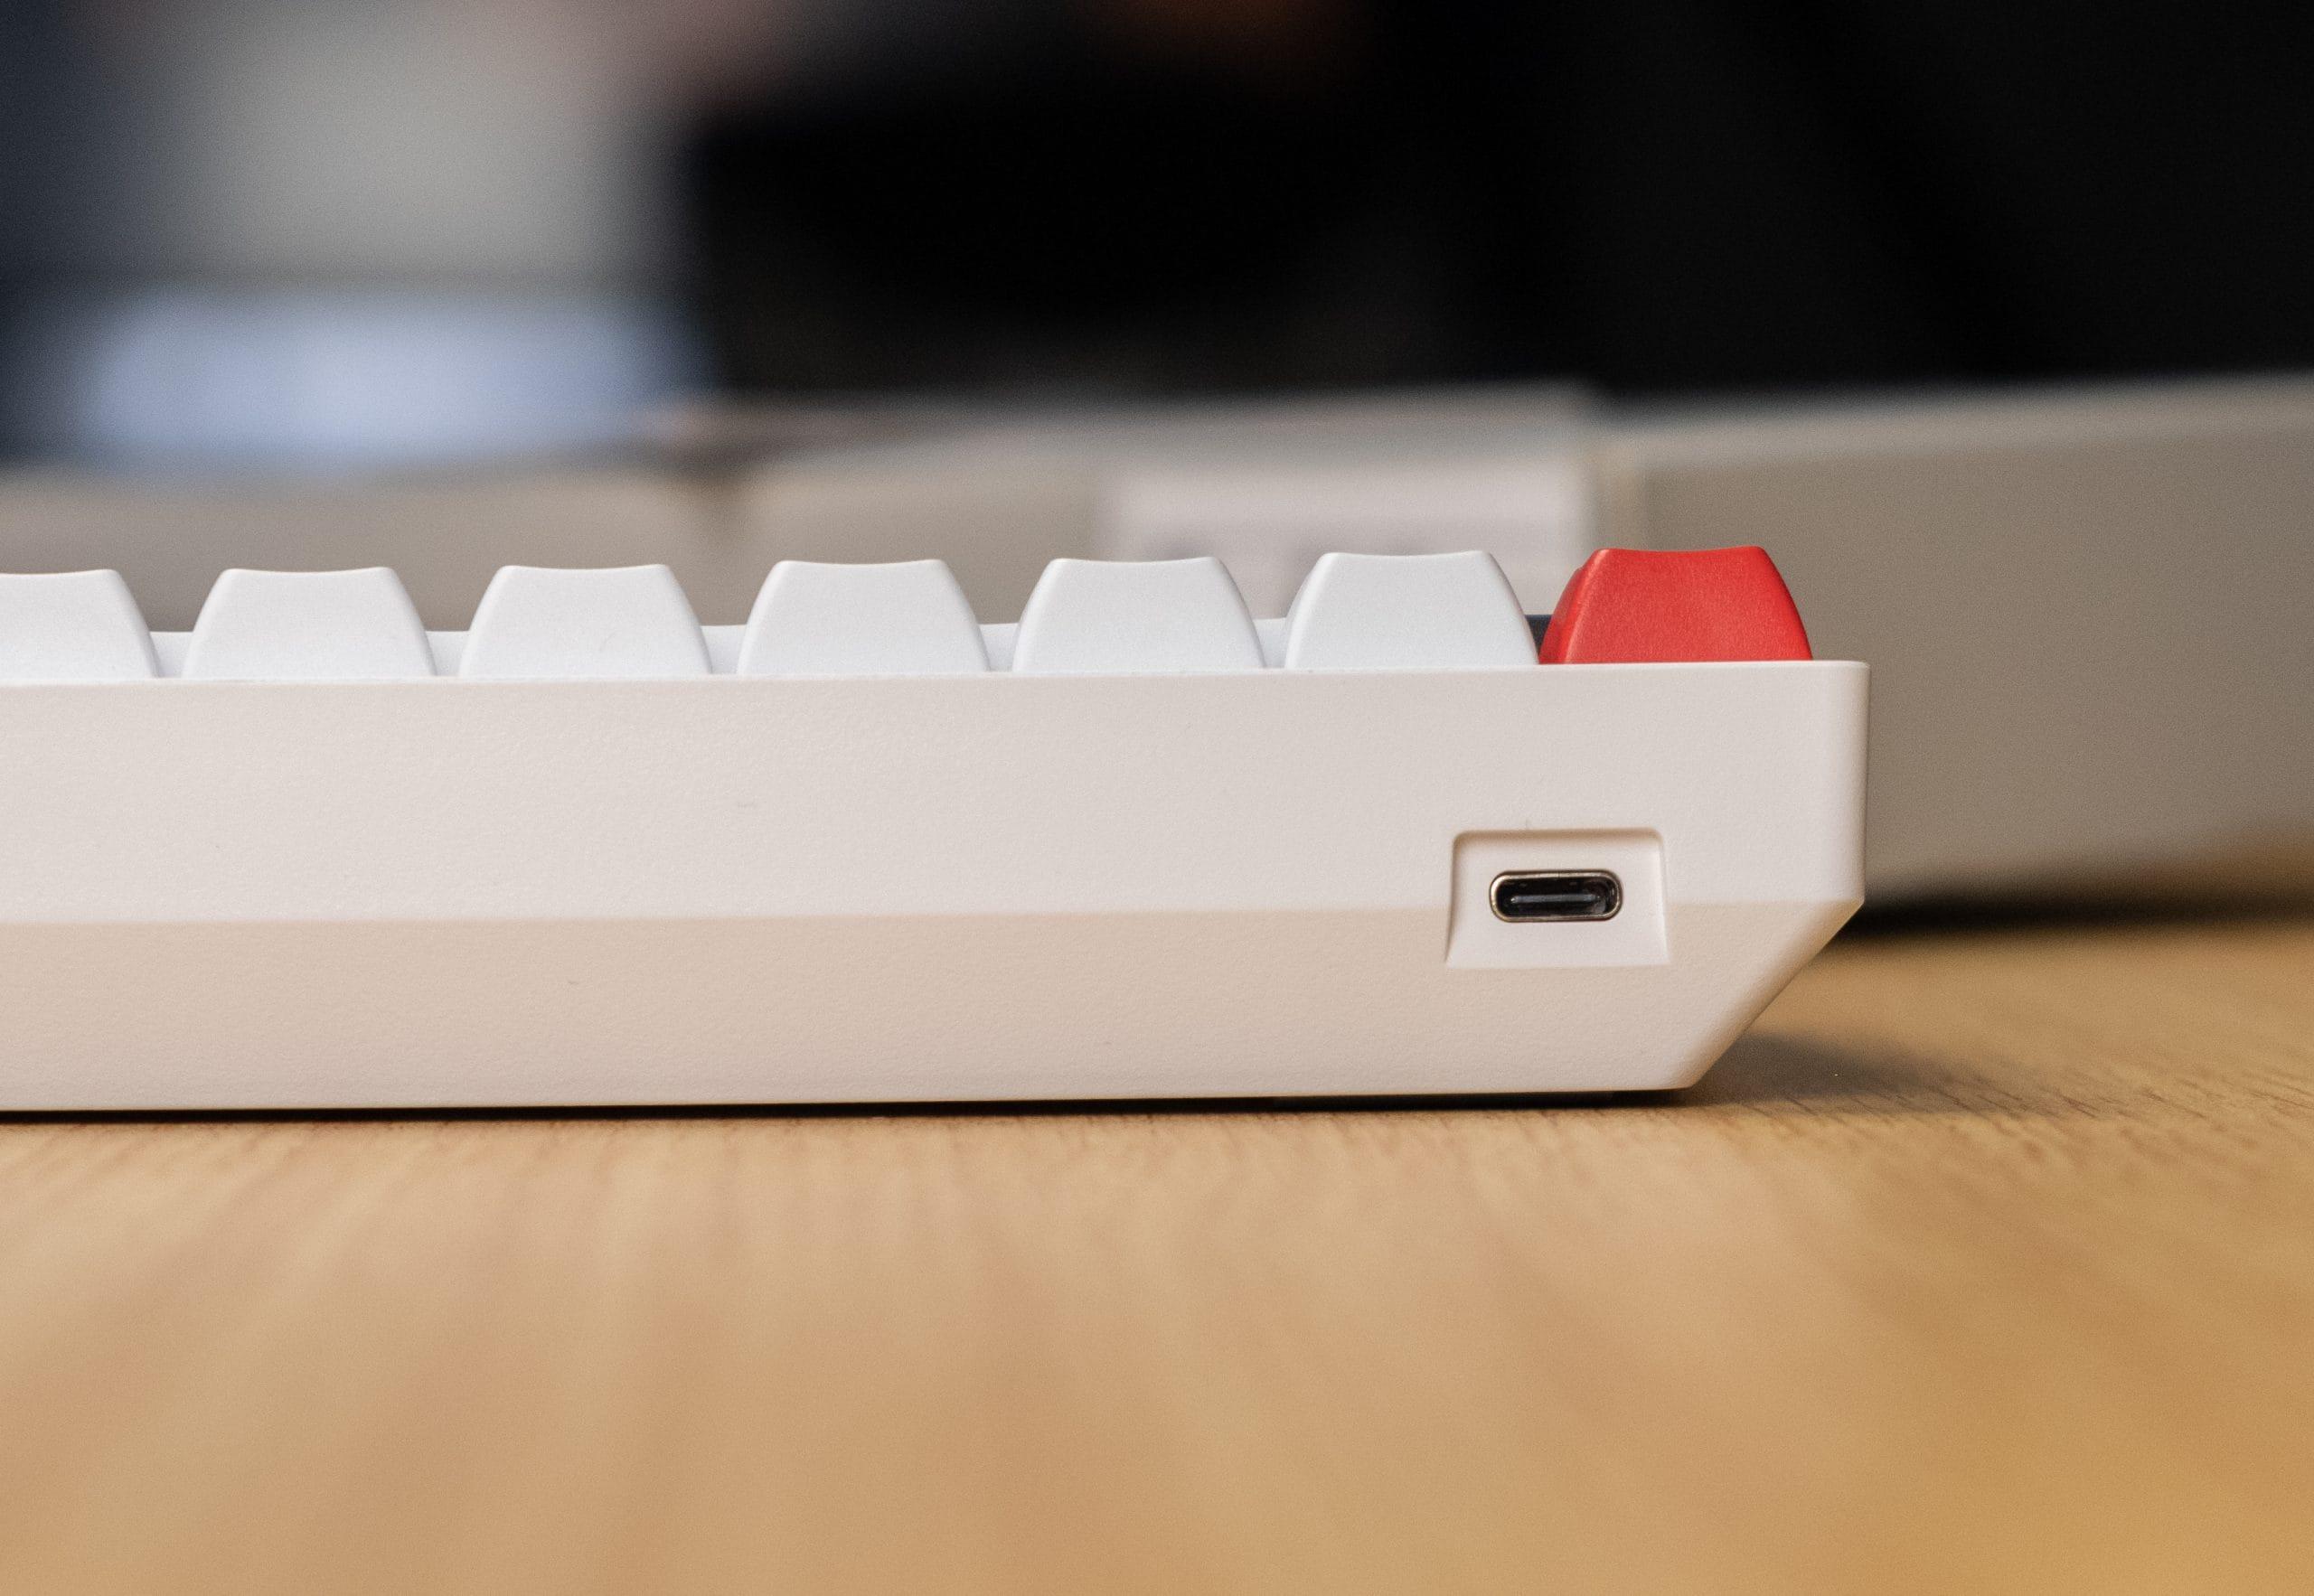 AK61 - USB Port